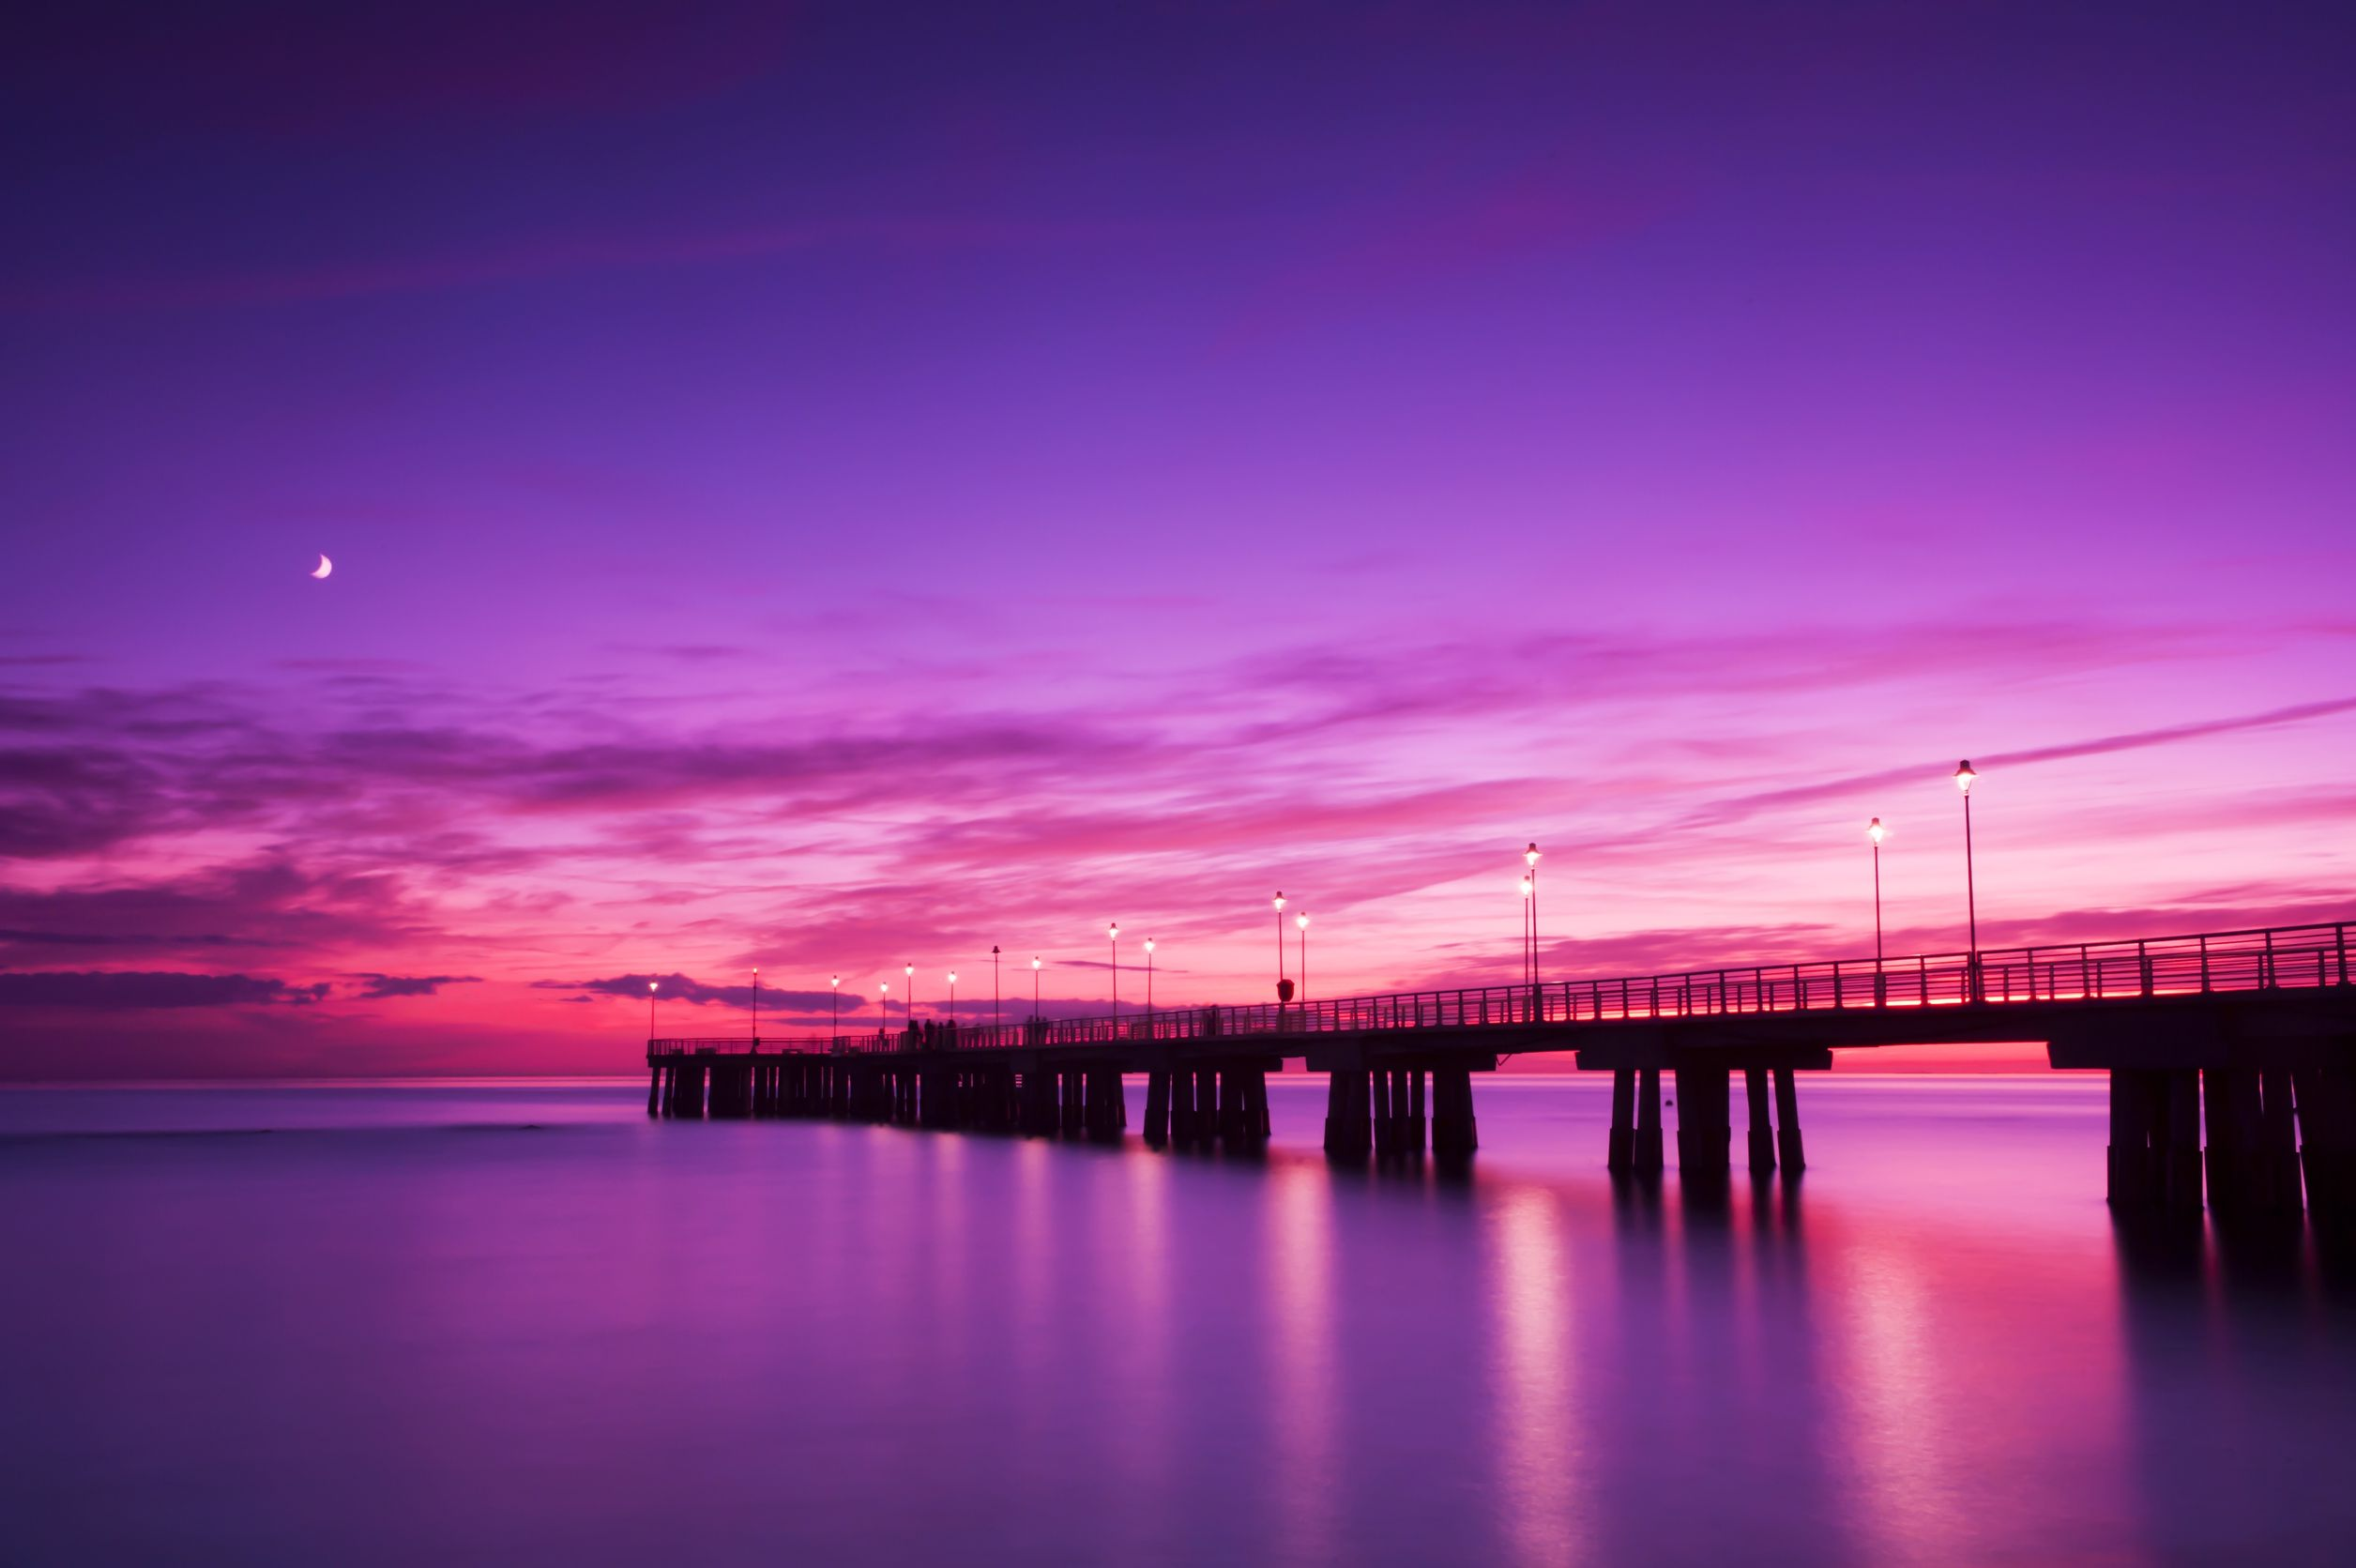 australia sunset dock 123rf